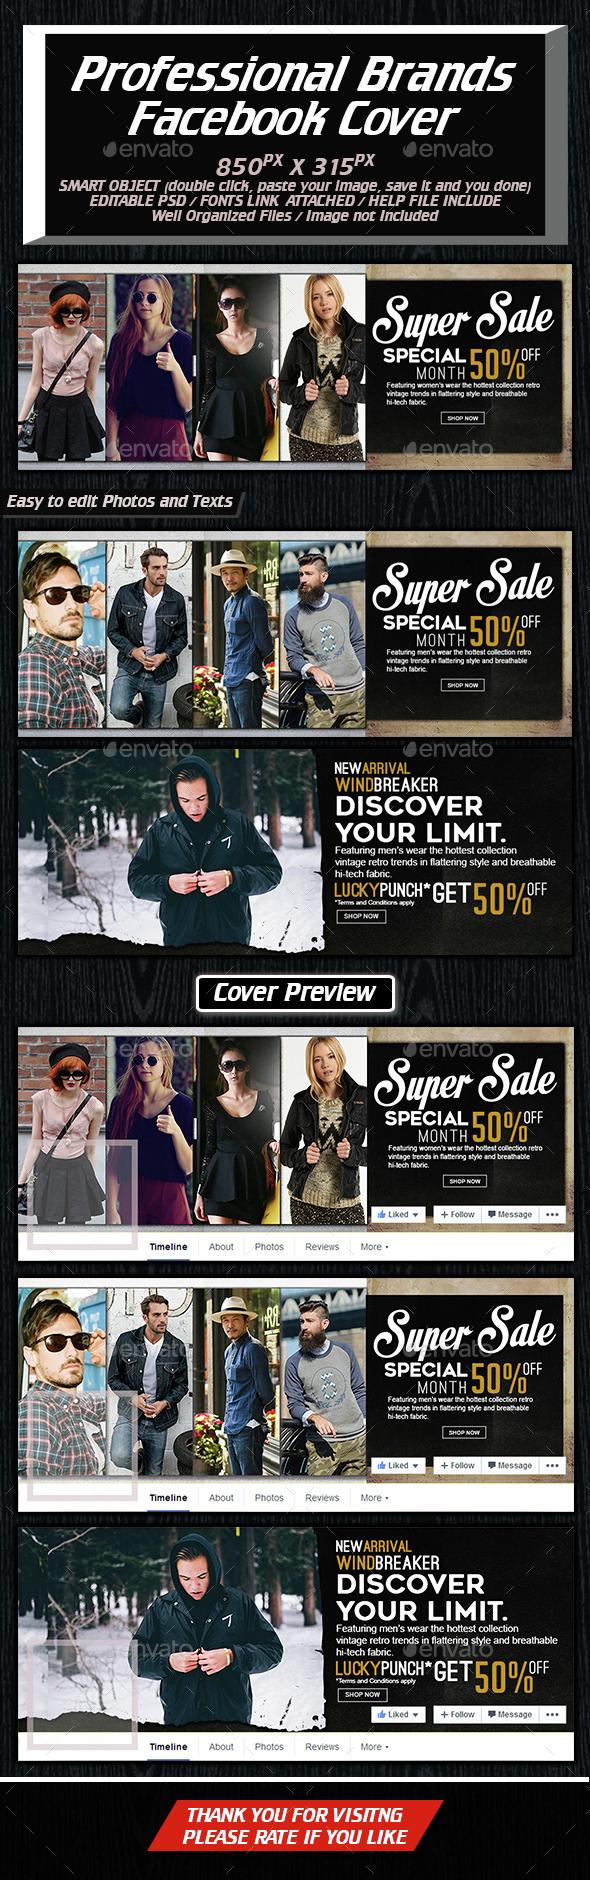 Facebook Cover For Pro Brands - Facebook Timeline Covers Social Media